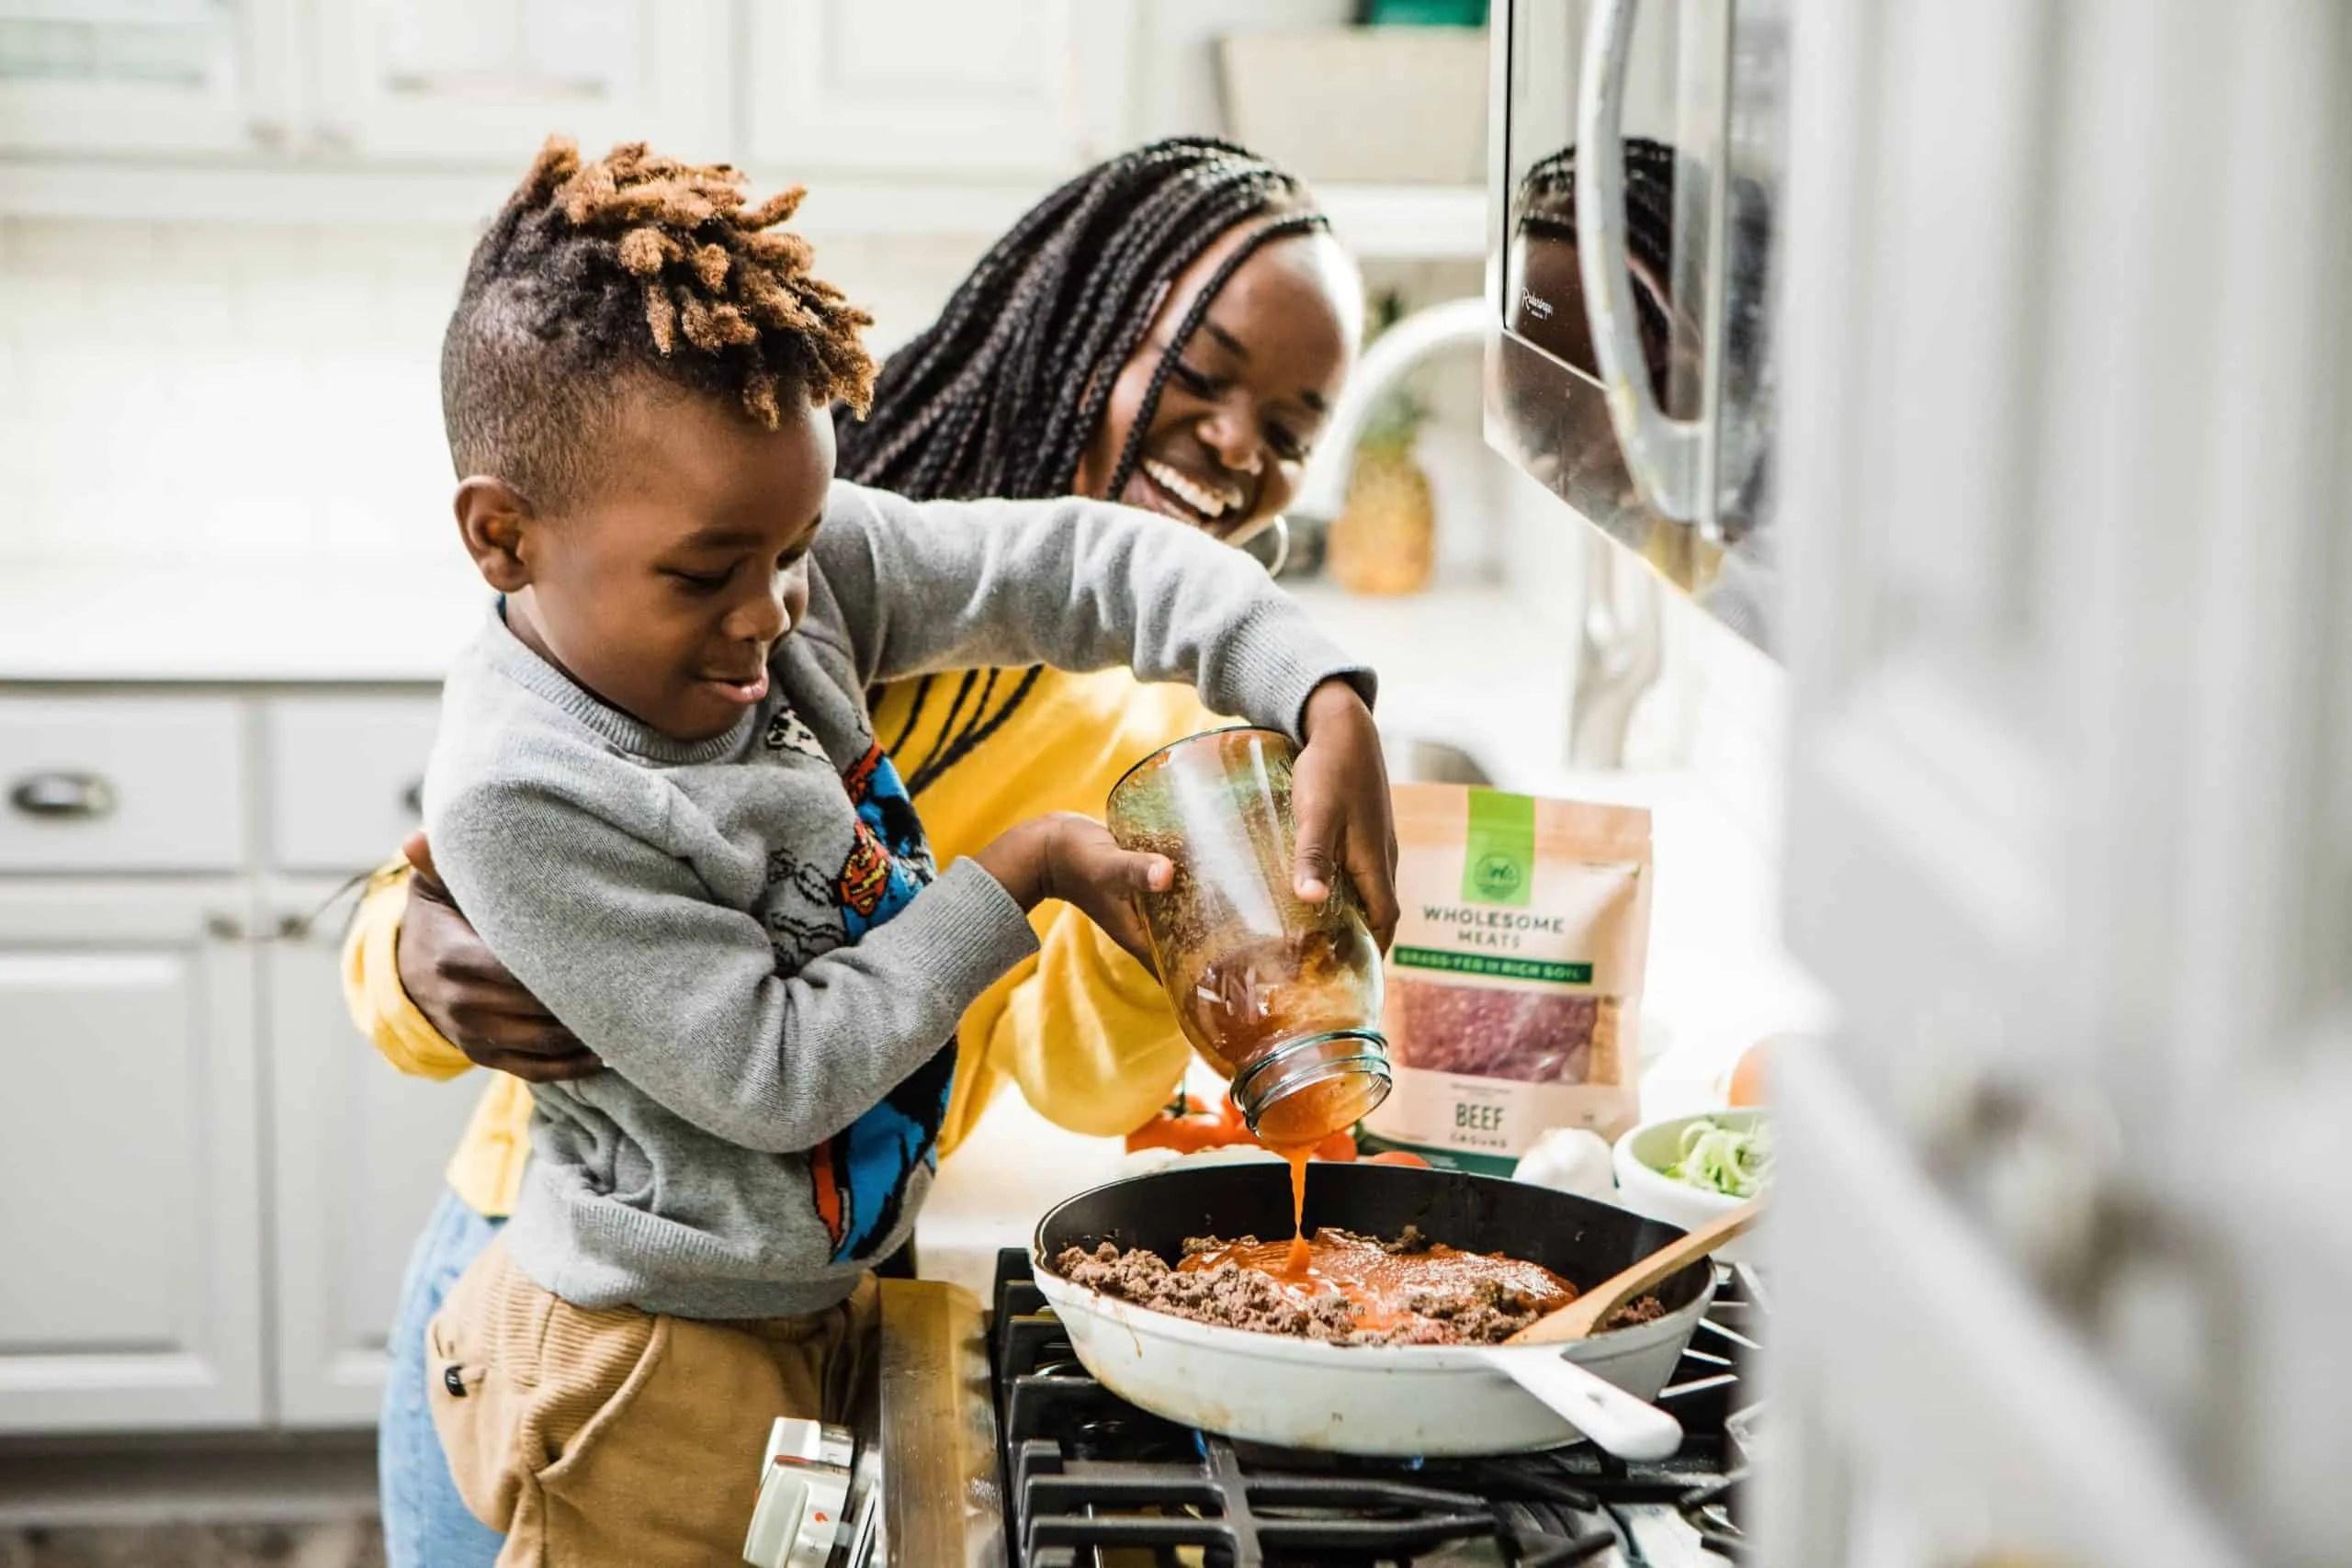 Preschooler cooking at home